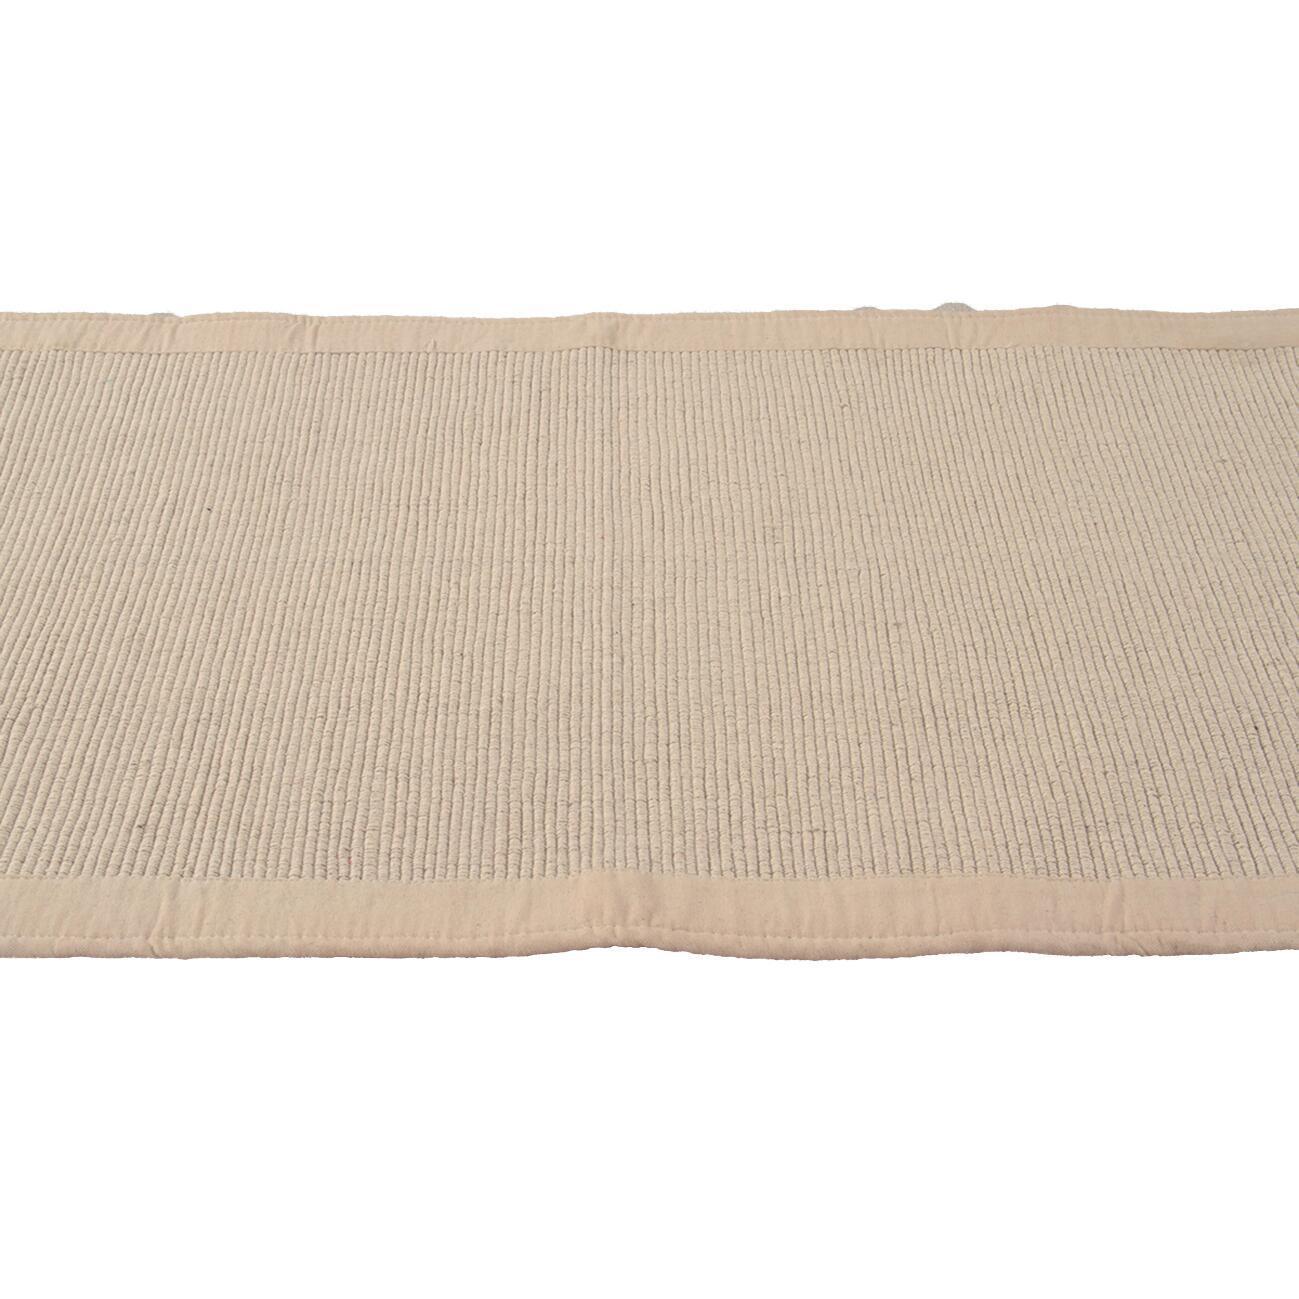 Passatoia Nevra in cotone, avorio, 50x110 - 2